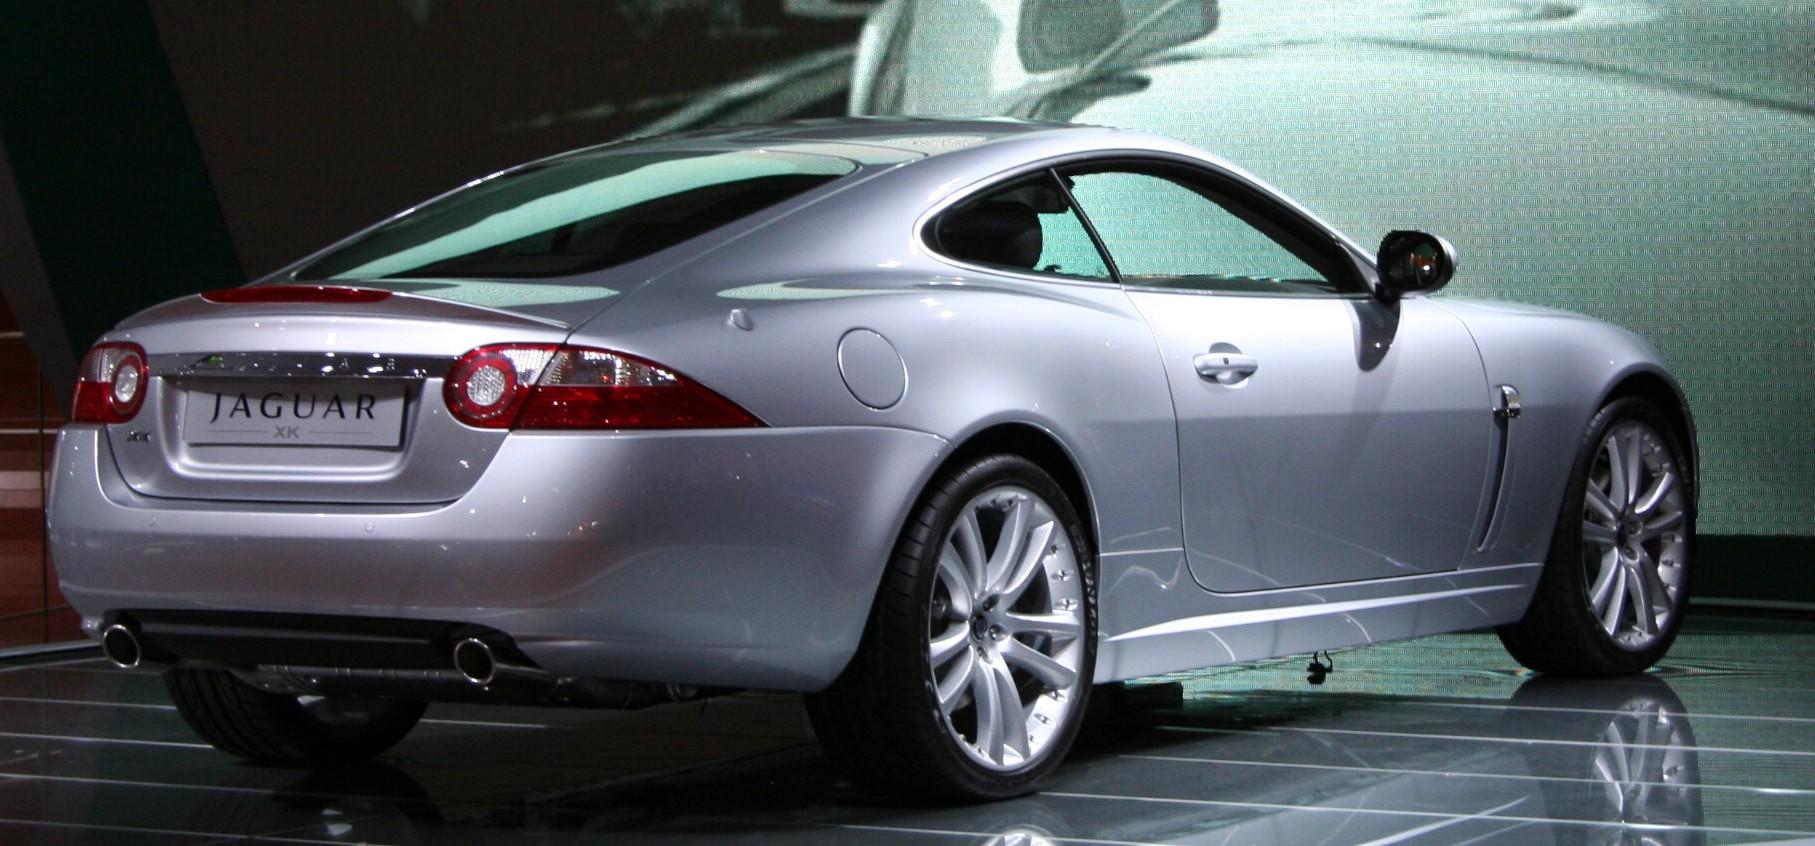 Vendas da Jaguar aumentaram 210,5%: passaram de 86 unidades em 2015 para 267 este ano.